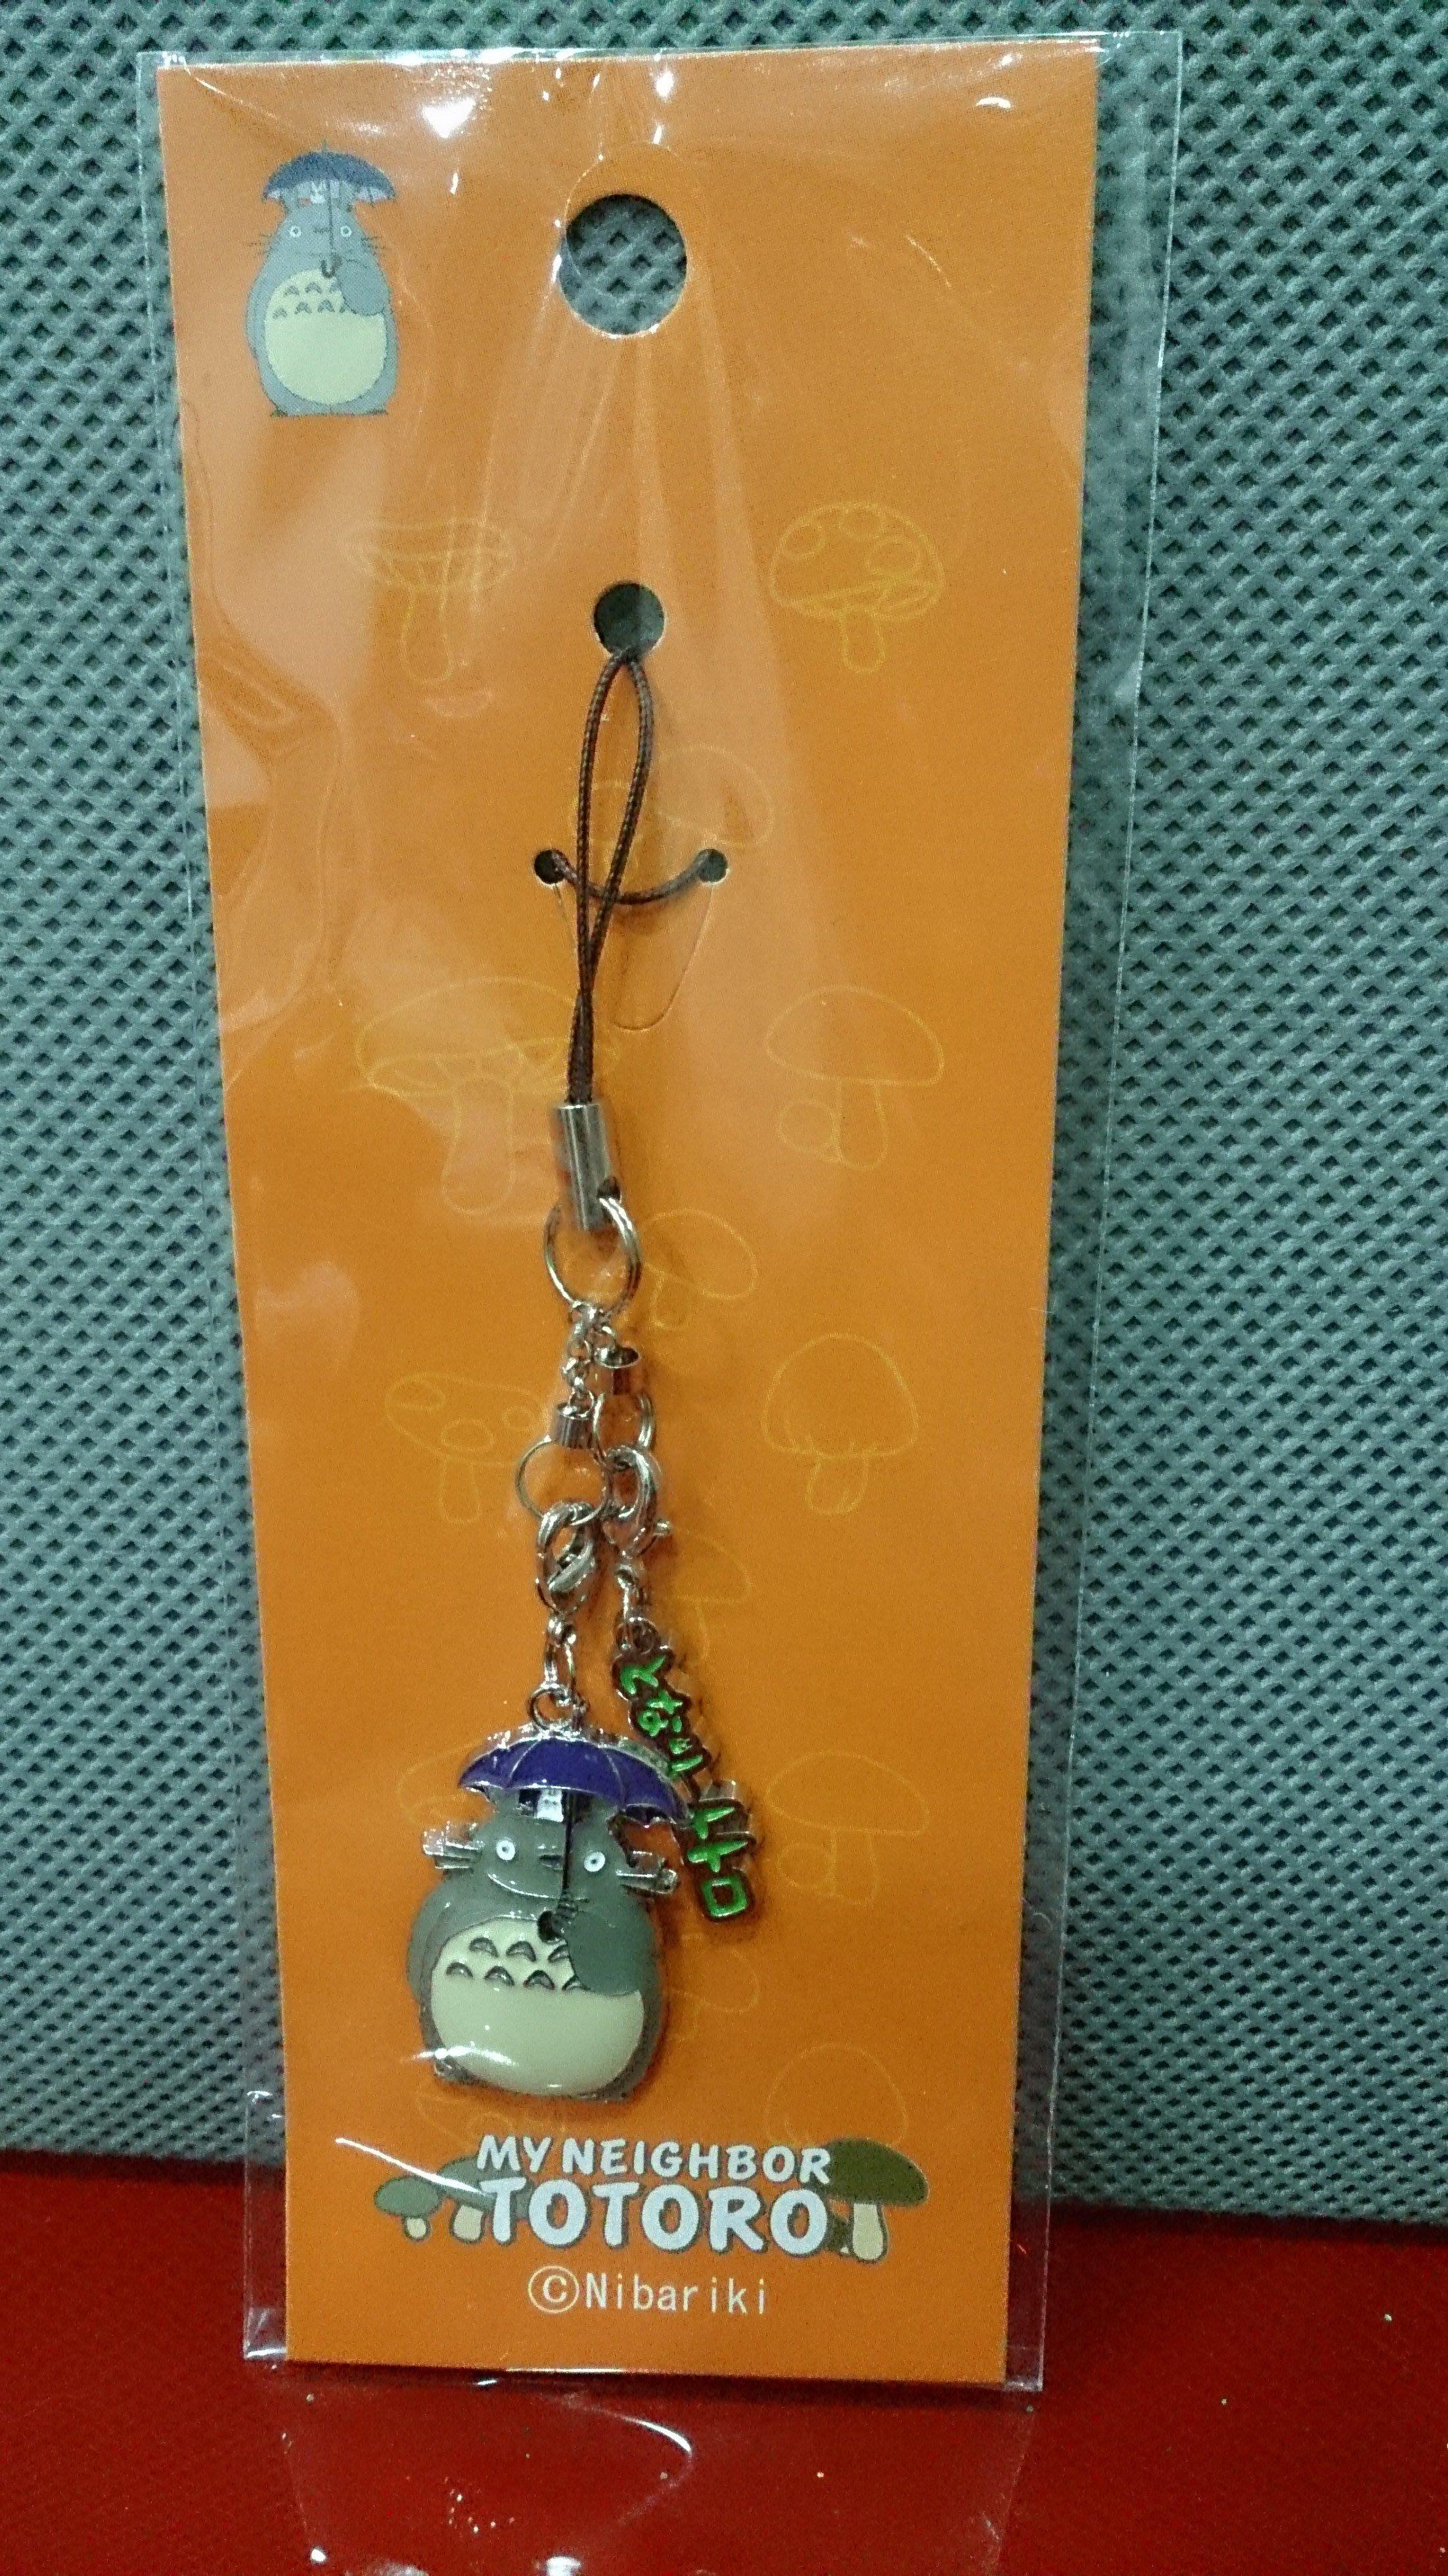 日本原裝進口~宮崎駿(龍貓) TOTORO 龍貓撐傘~鑰匙圈/吊飾~1個450元+送贈品!最後1個!